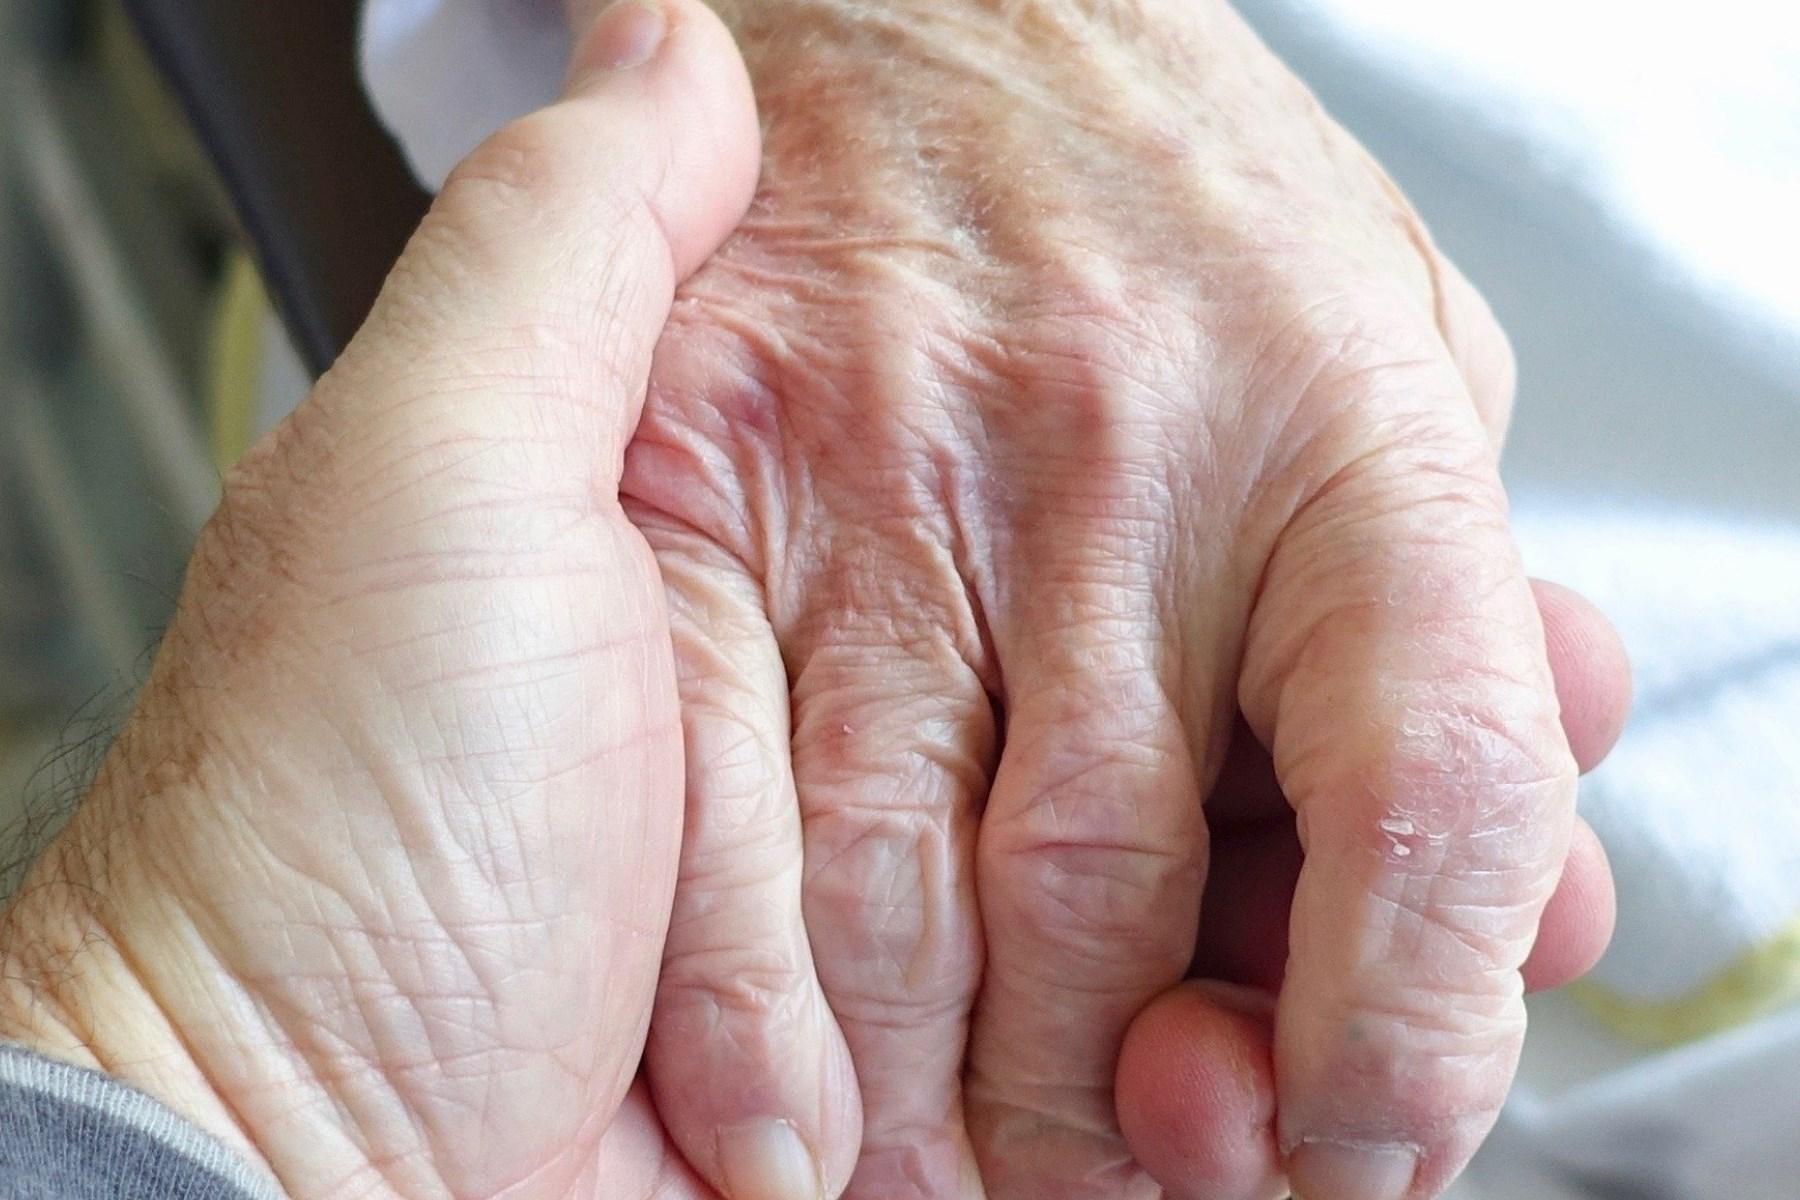 Tagesordnungsantrag | Virensicherer Vorhang für Umarmungen in Seniorenwohnheimen